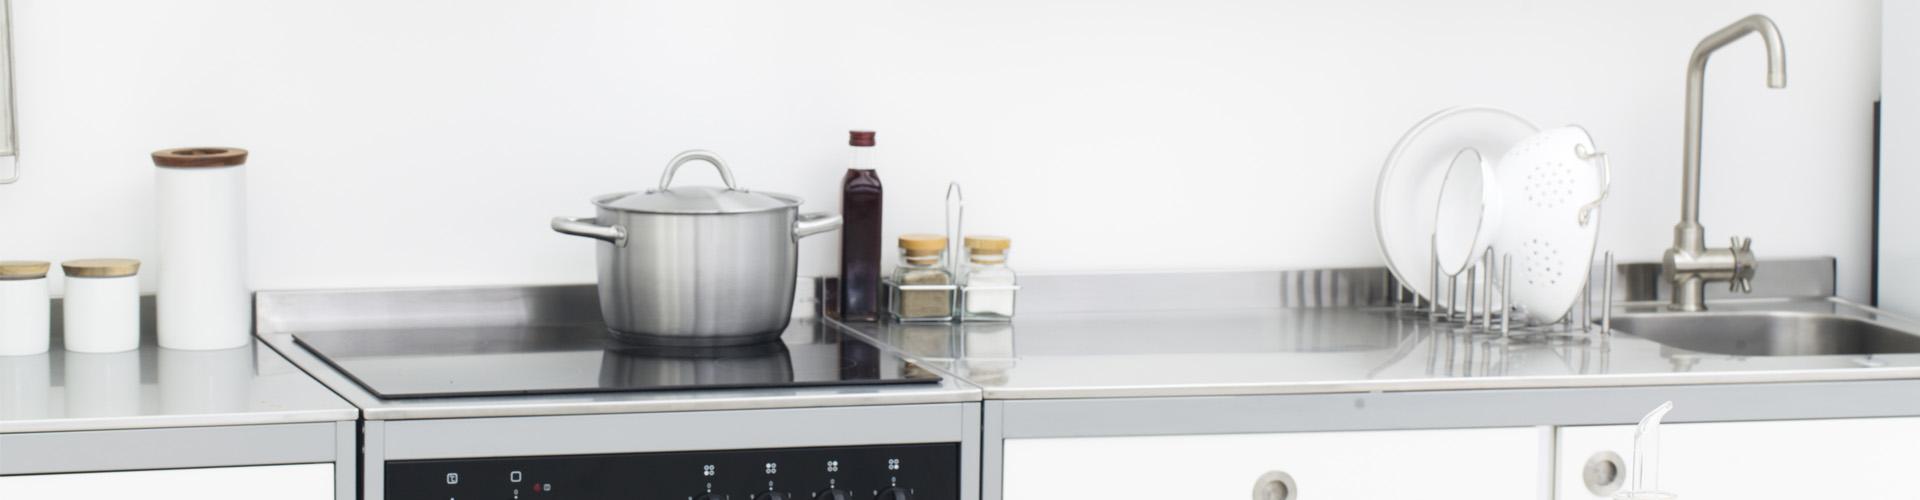 Extractores de cocina